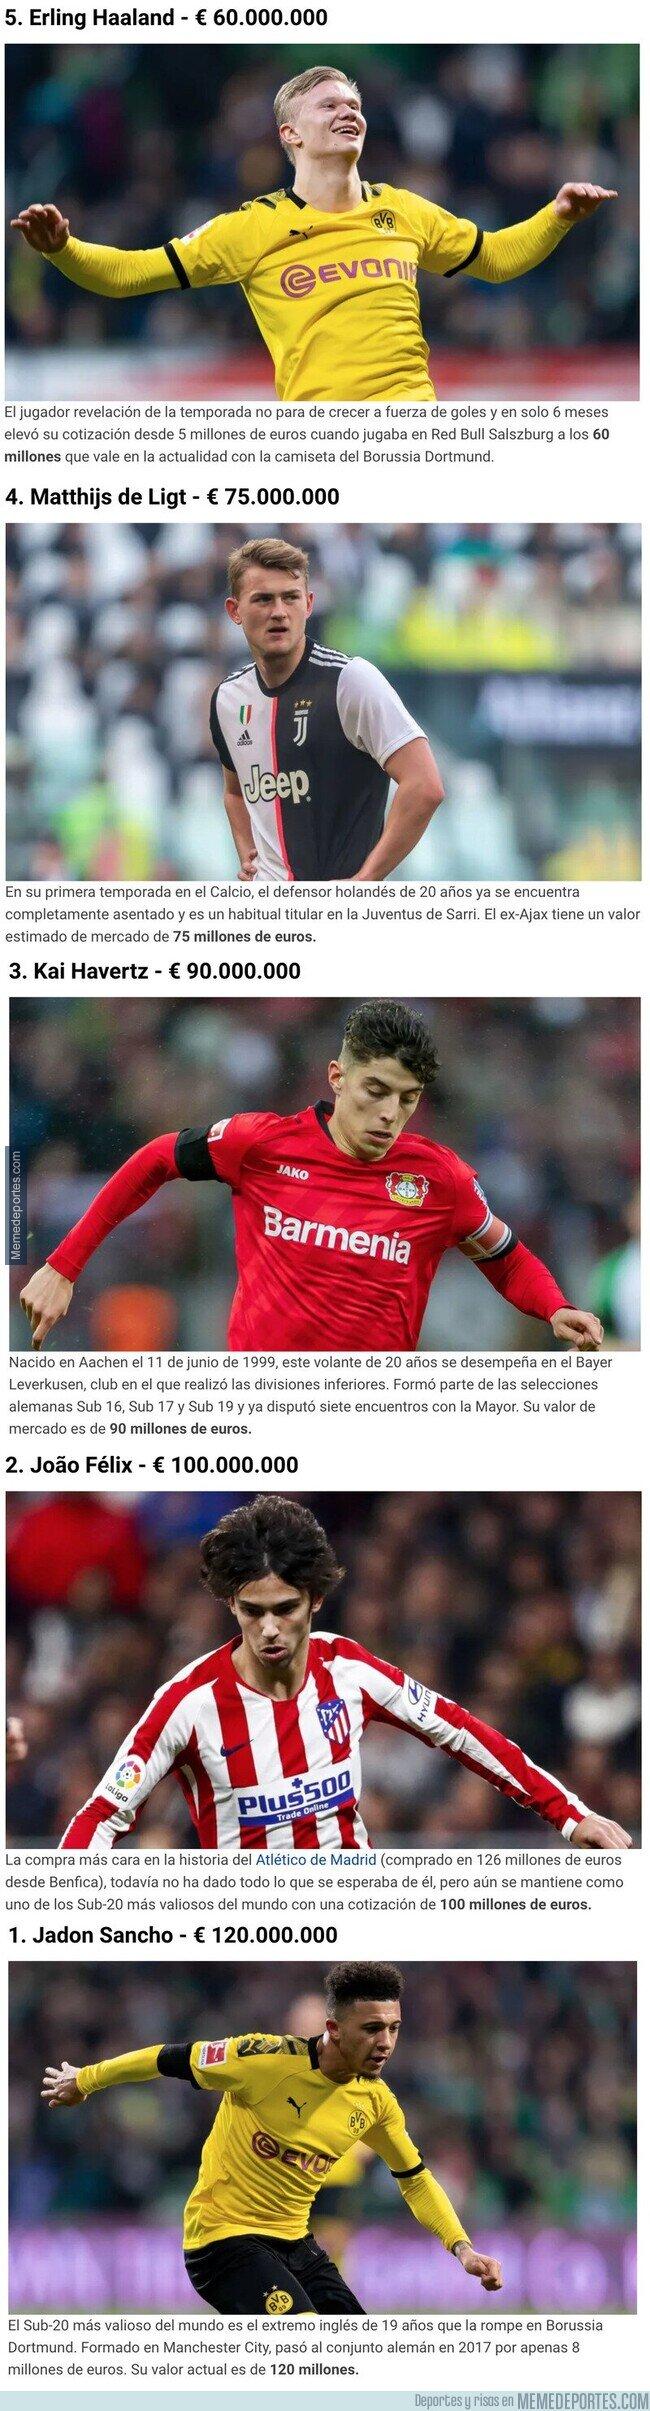 1099365 - Estos son los cinco futbolistas menores de 20 años más valiosos del mundo